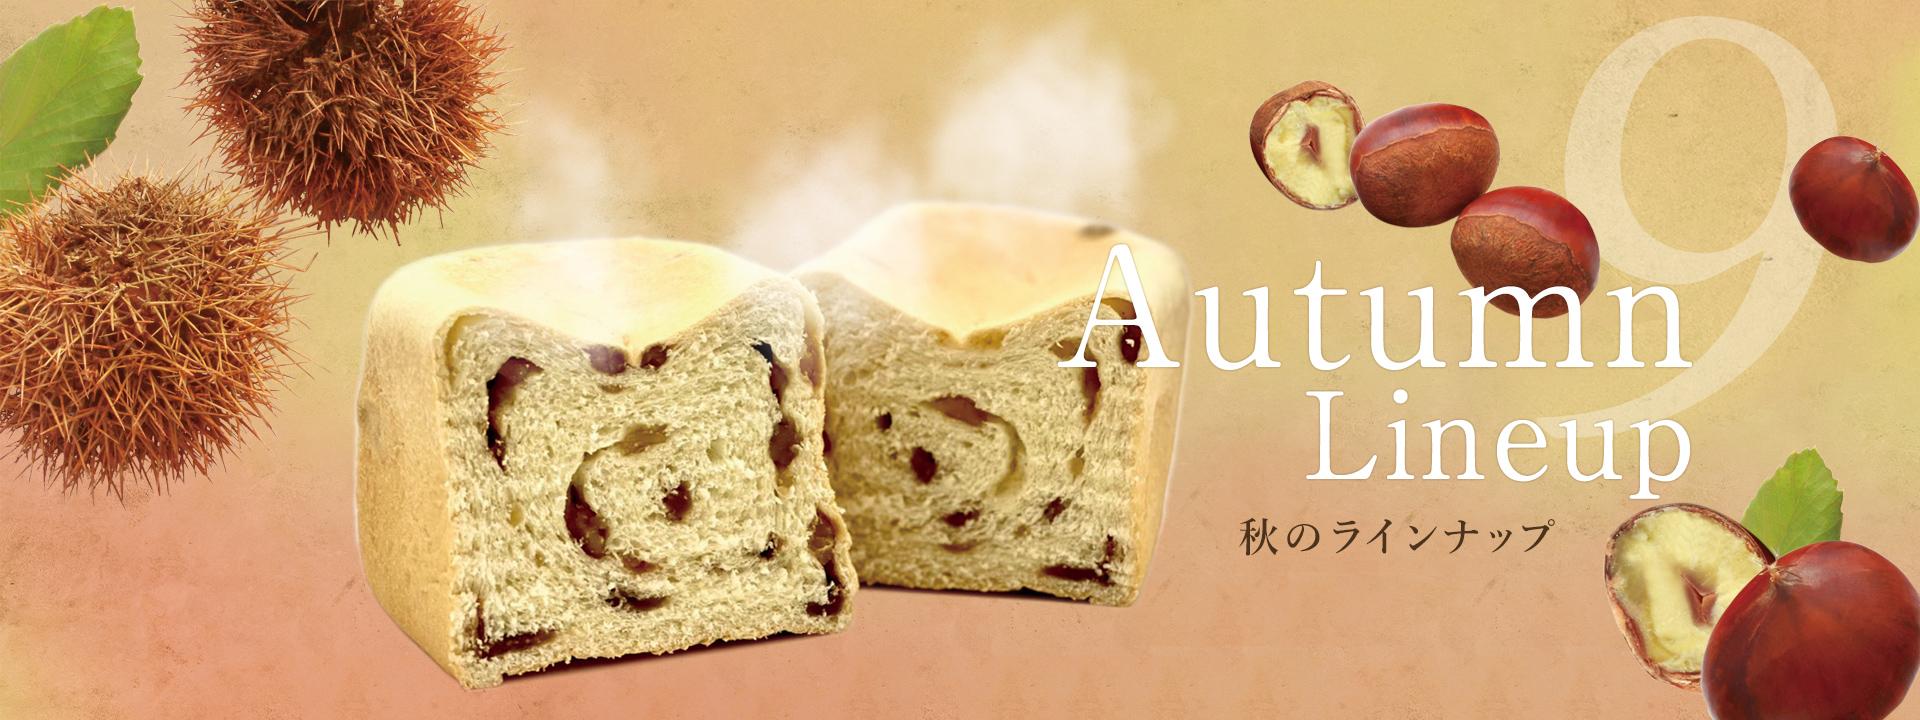 9月のSTEAM BREADは秋ならではの栗づくしのラインナップ!